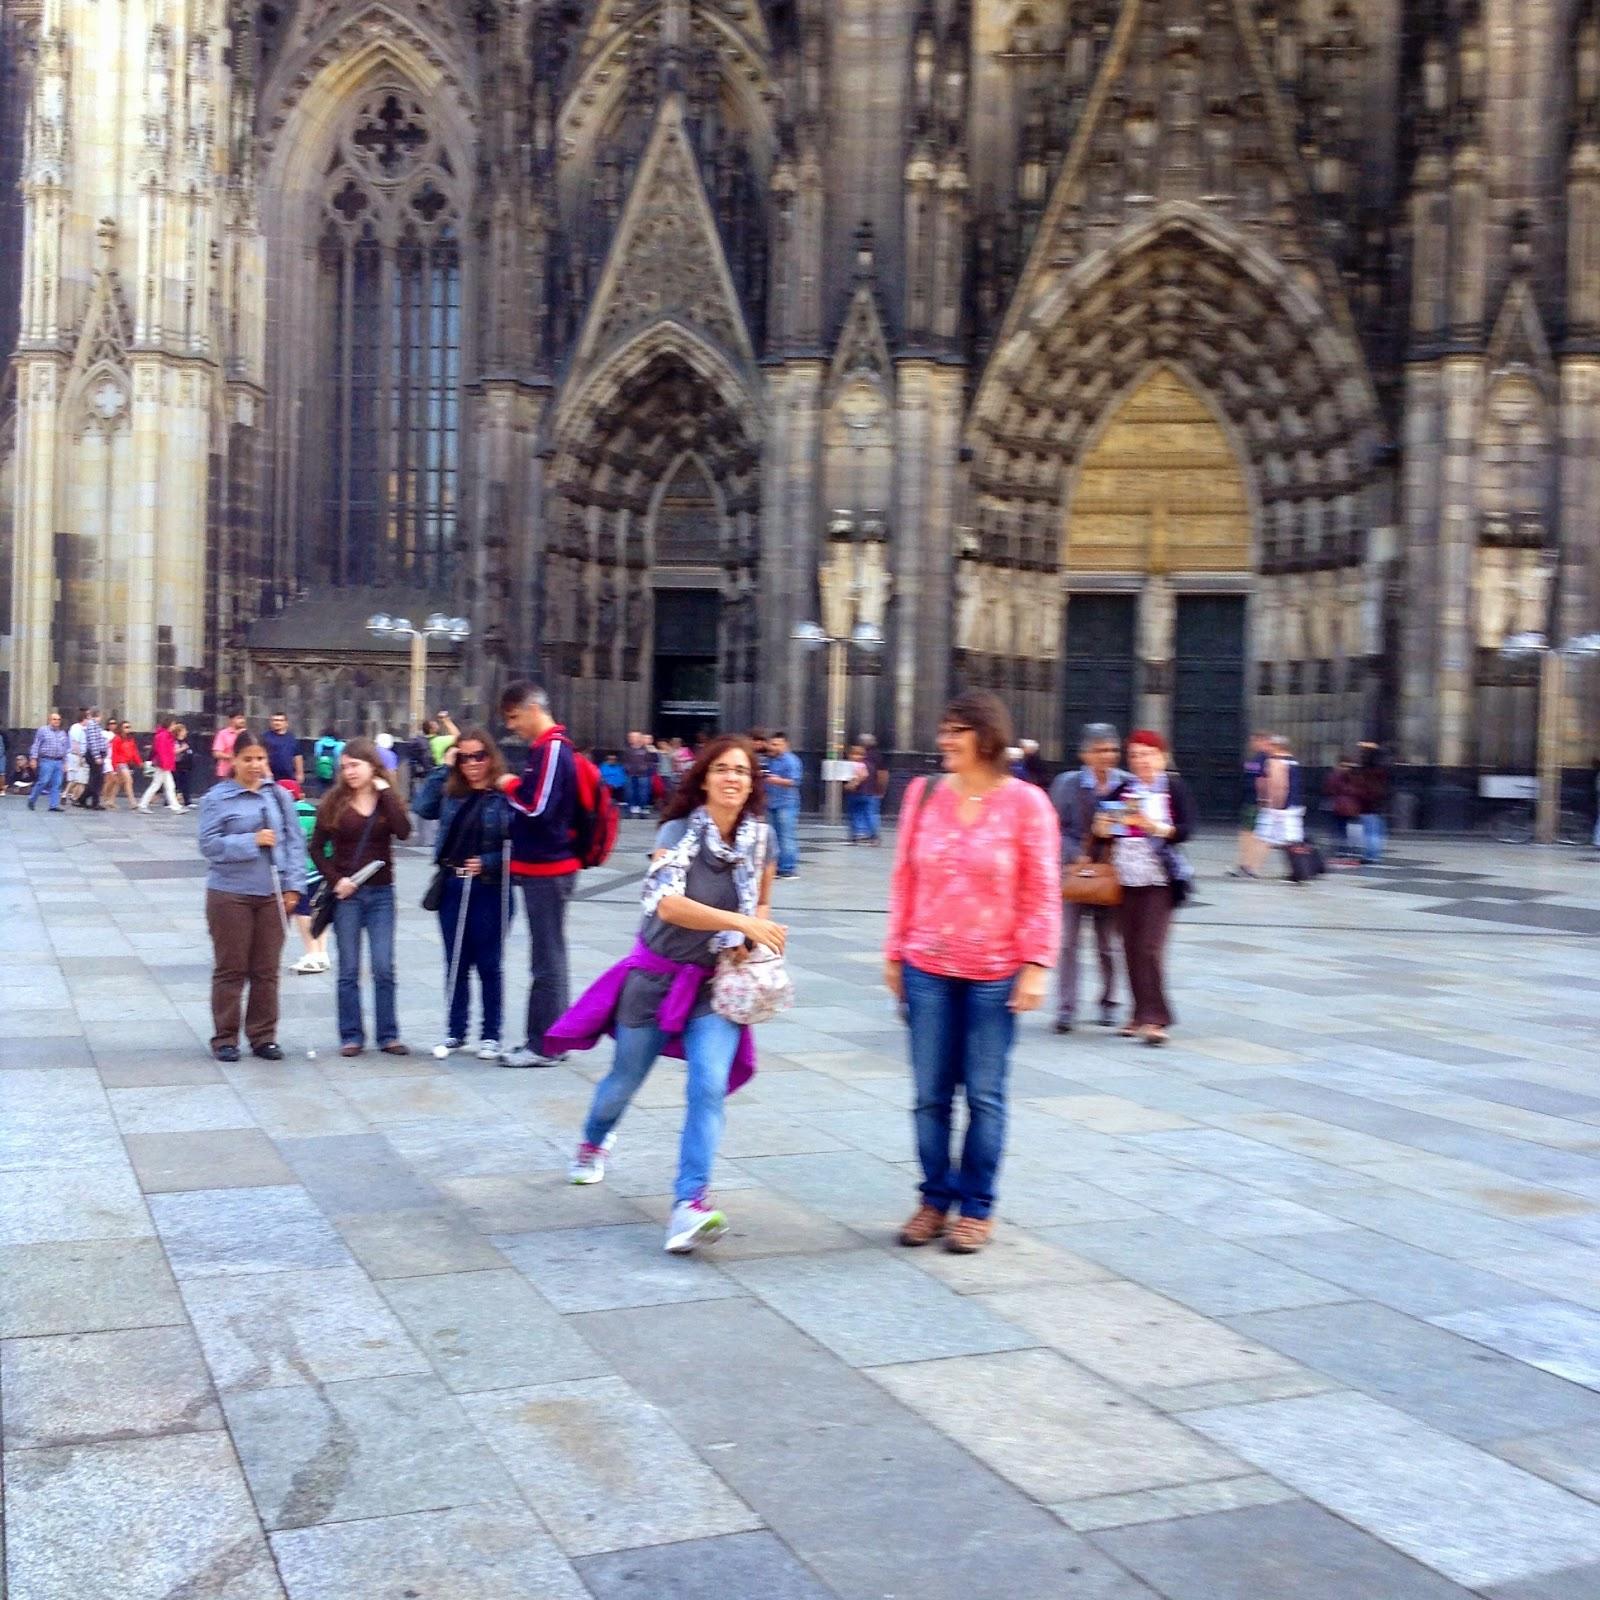 Fotografia do grupo, junto }a na imponente Catedra de Colónia!